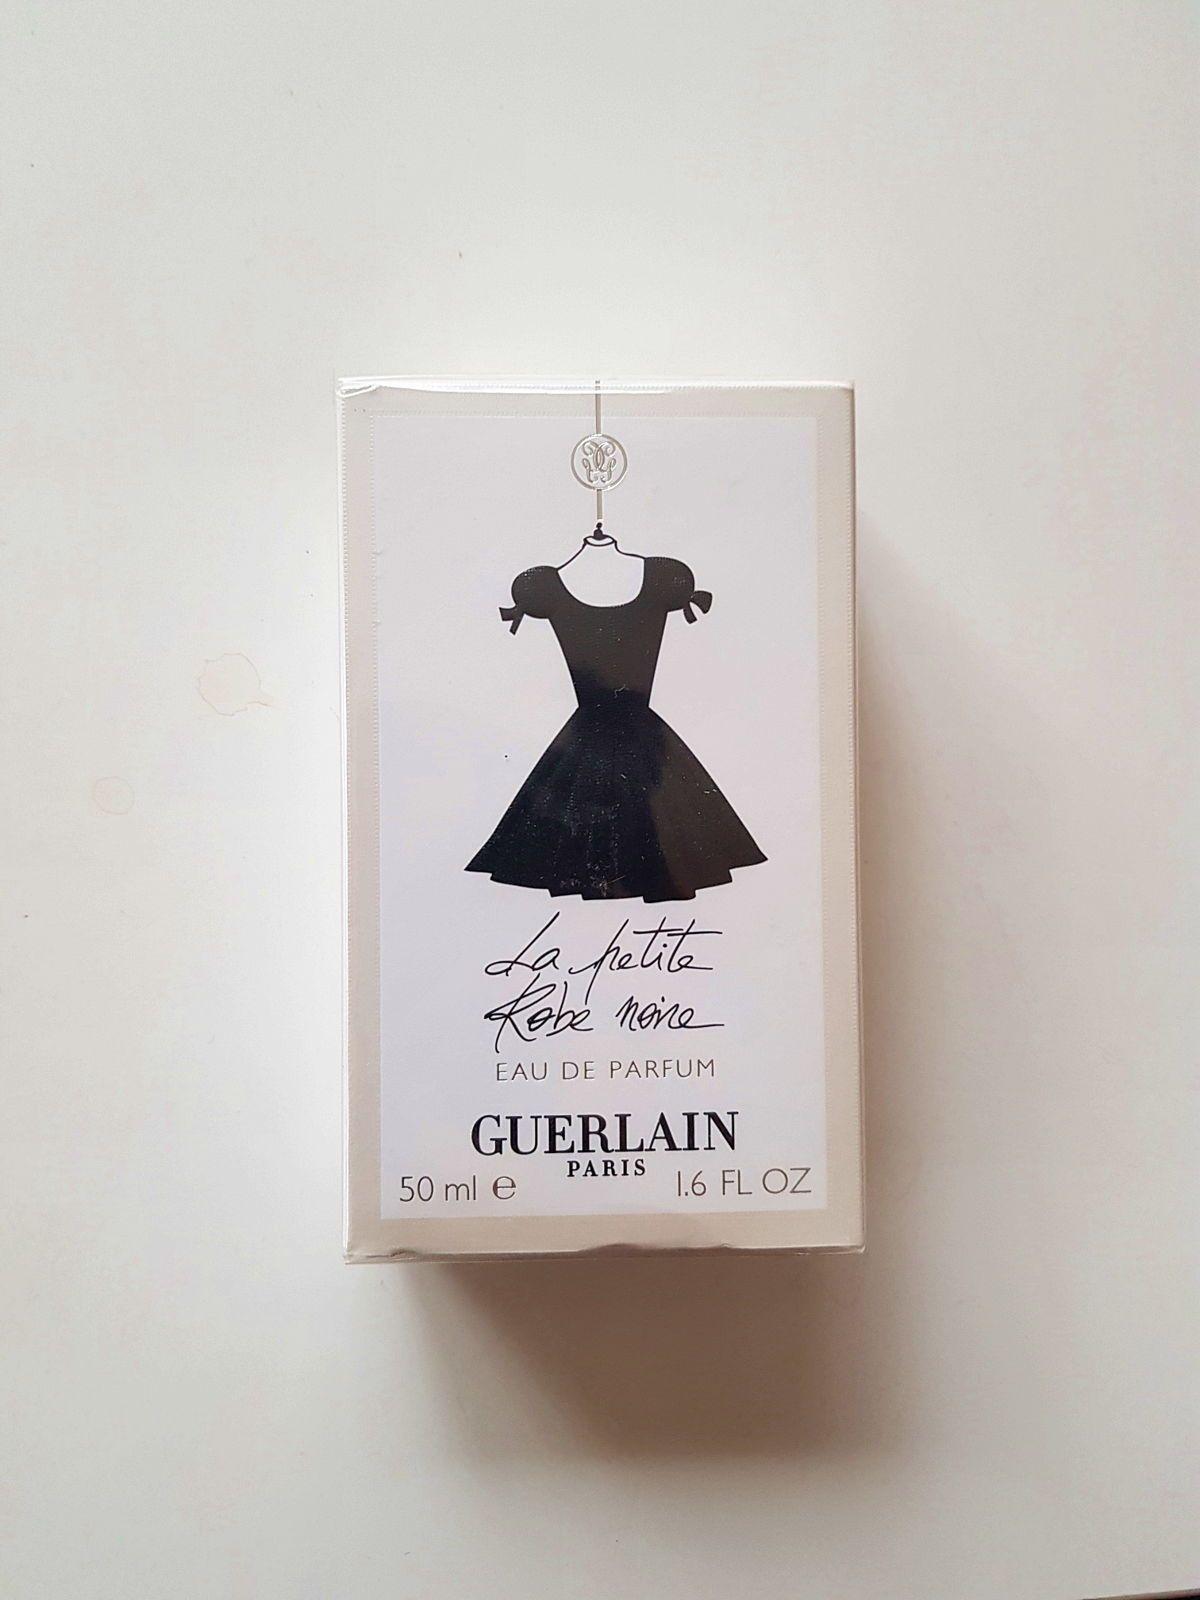 Vends Eau de parfum Guerlain La petite robe noire sous blister